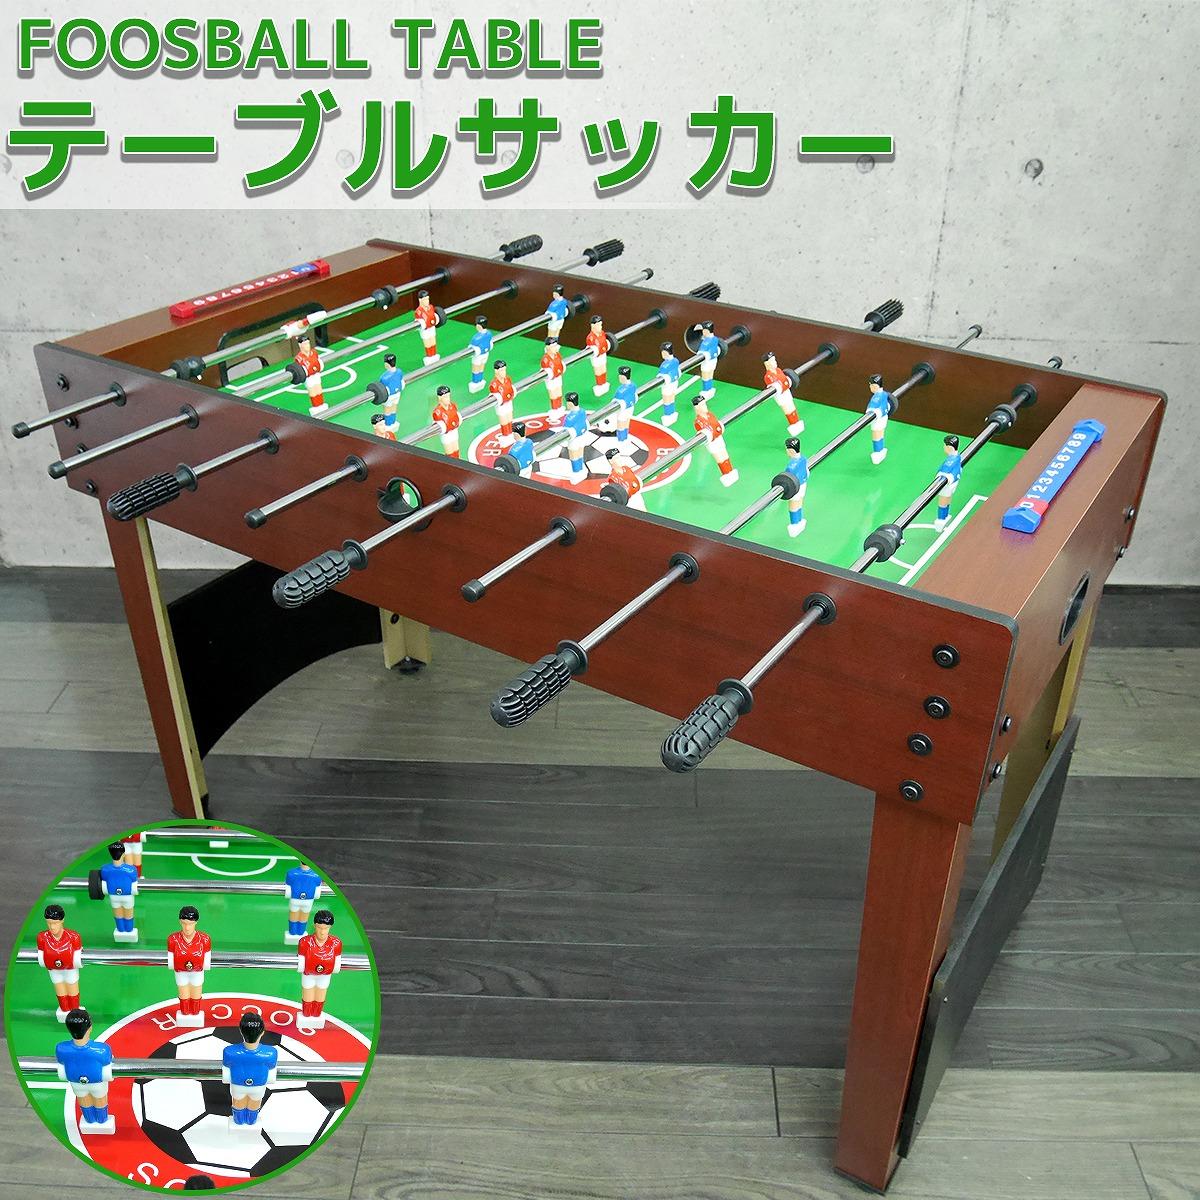 特大 テーブルサッカー ボードゲーム サッカー テーブルゲーム フットボール フーズボール FOOSBALL 大型 卓上 ゲーム レトロ インテリア